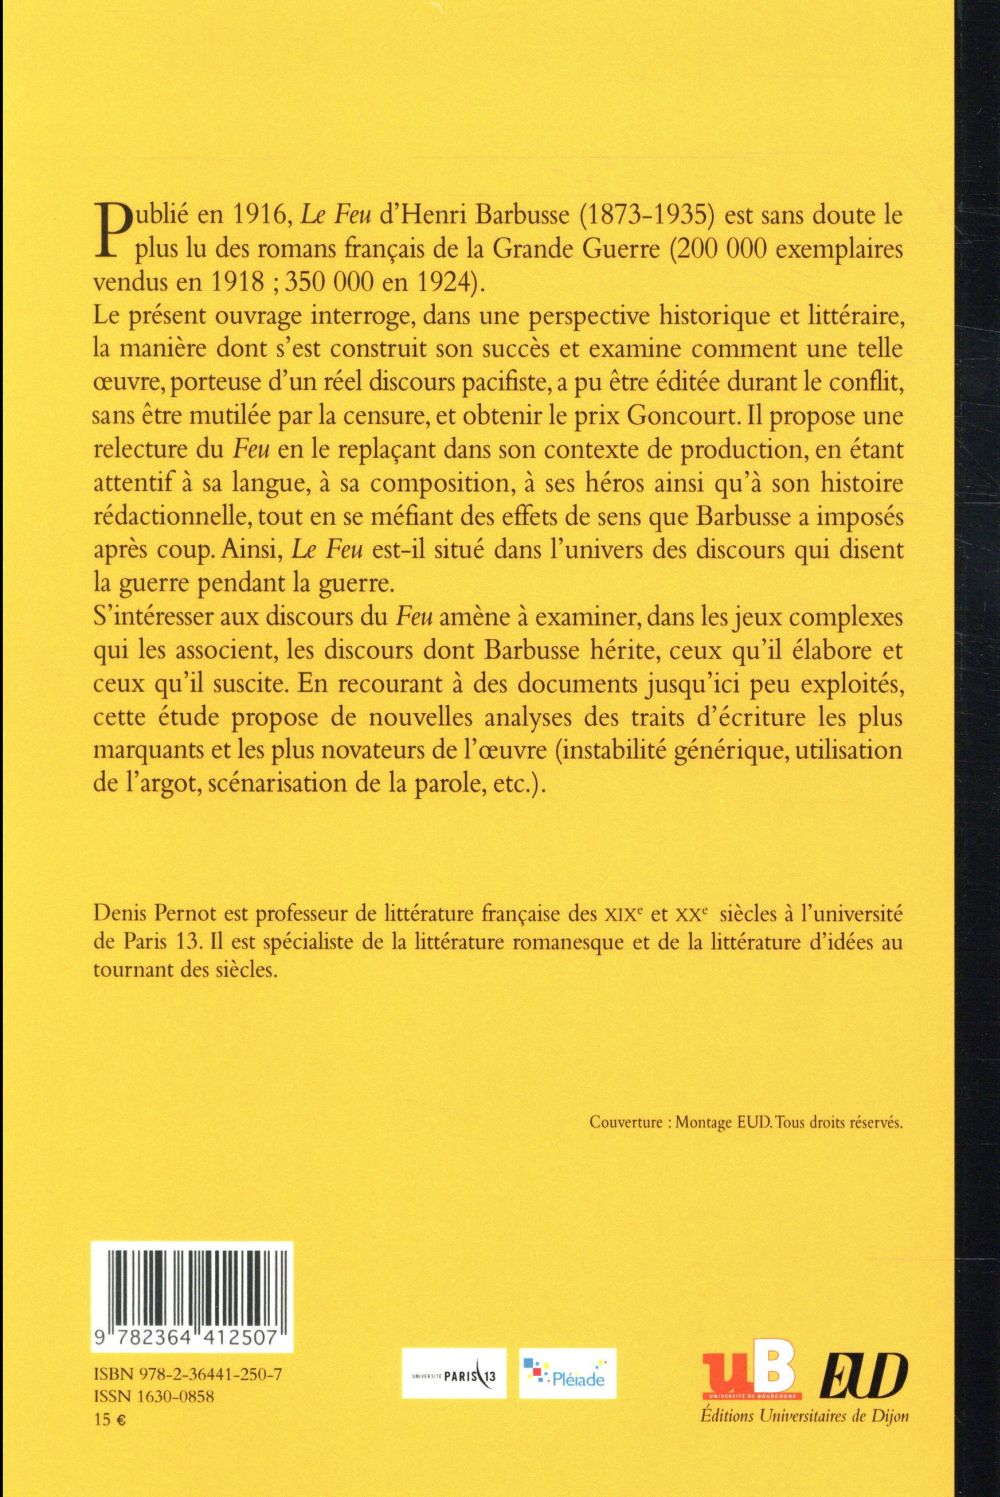 Henri Barbusse ; les discours du feu